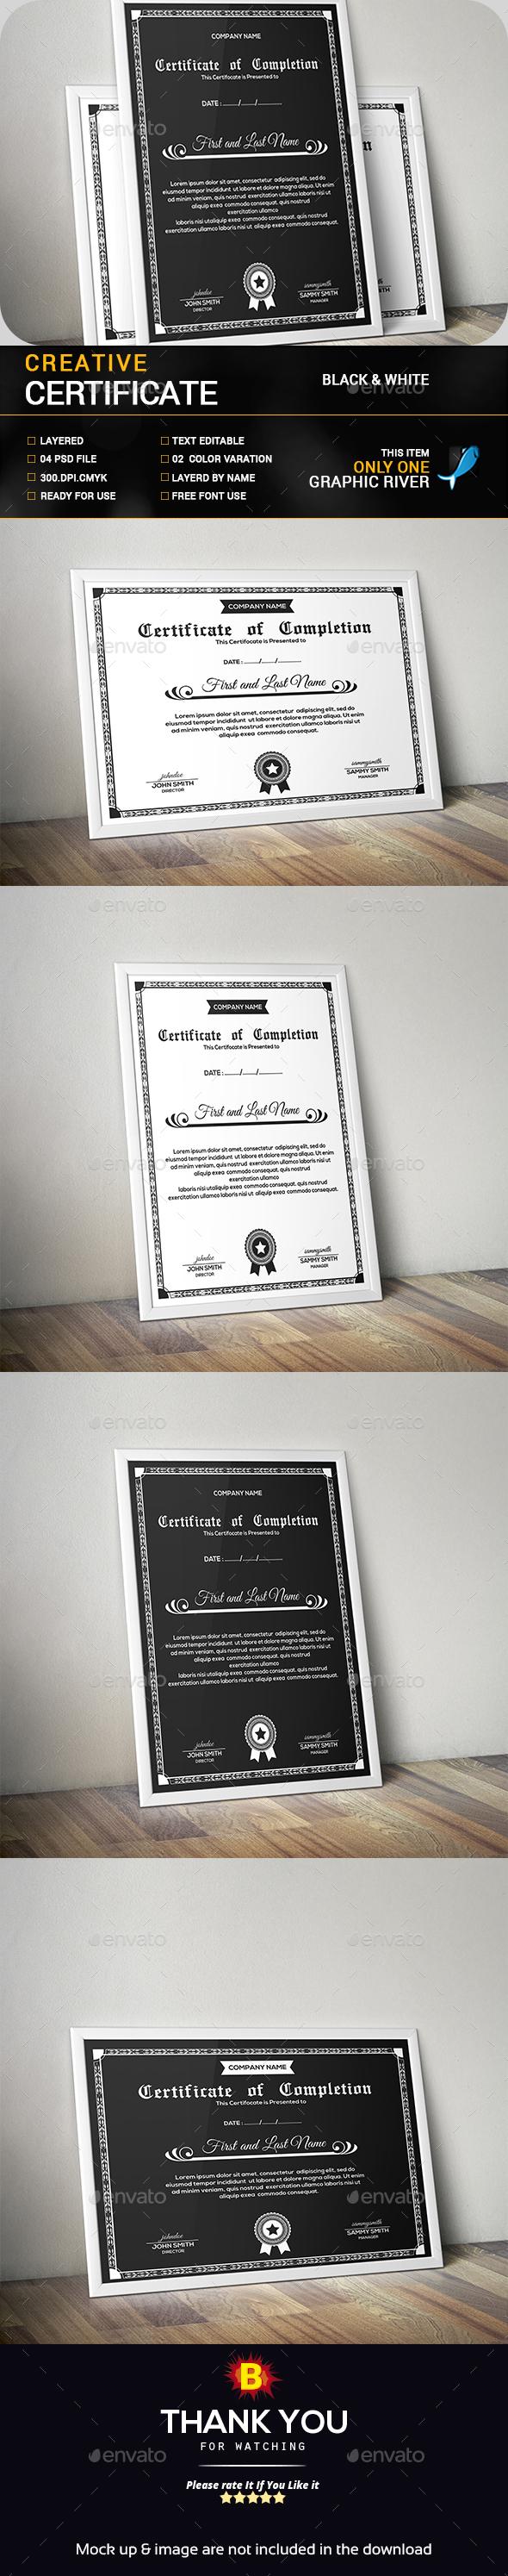 Certificate psd template graduation course certificate gold certificate psd template graduation course certificate gold corporate yadclub Choice Image